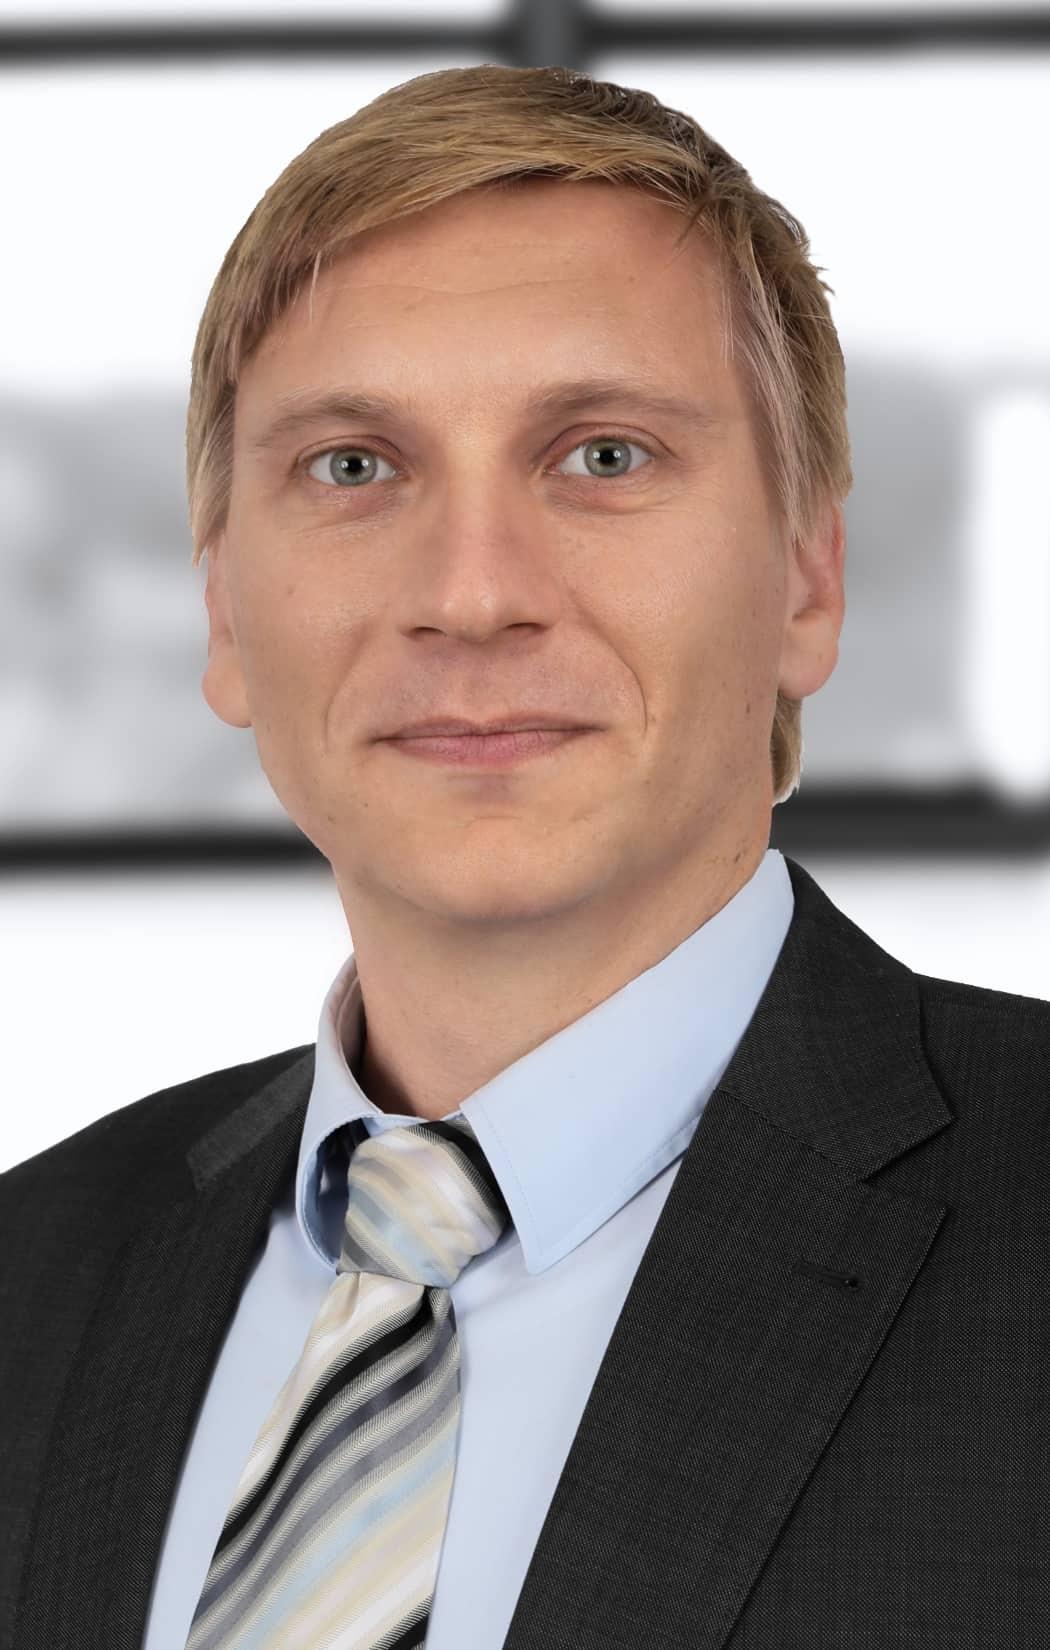 Philipp Marquard